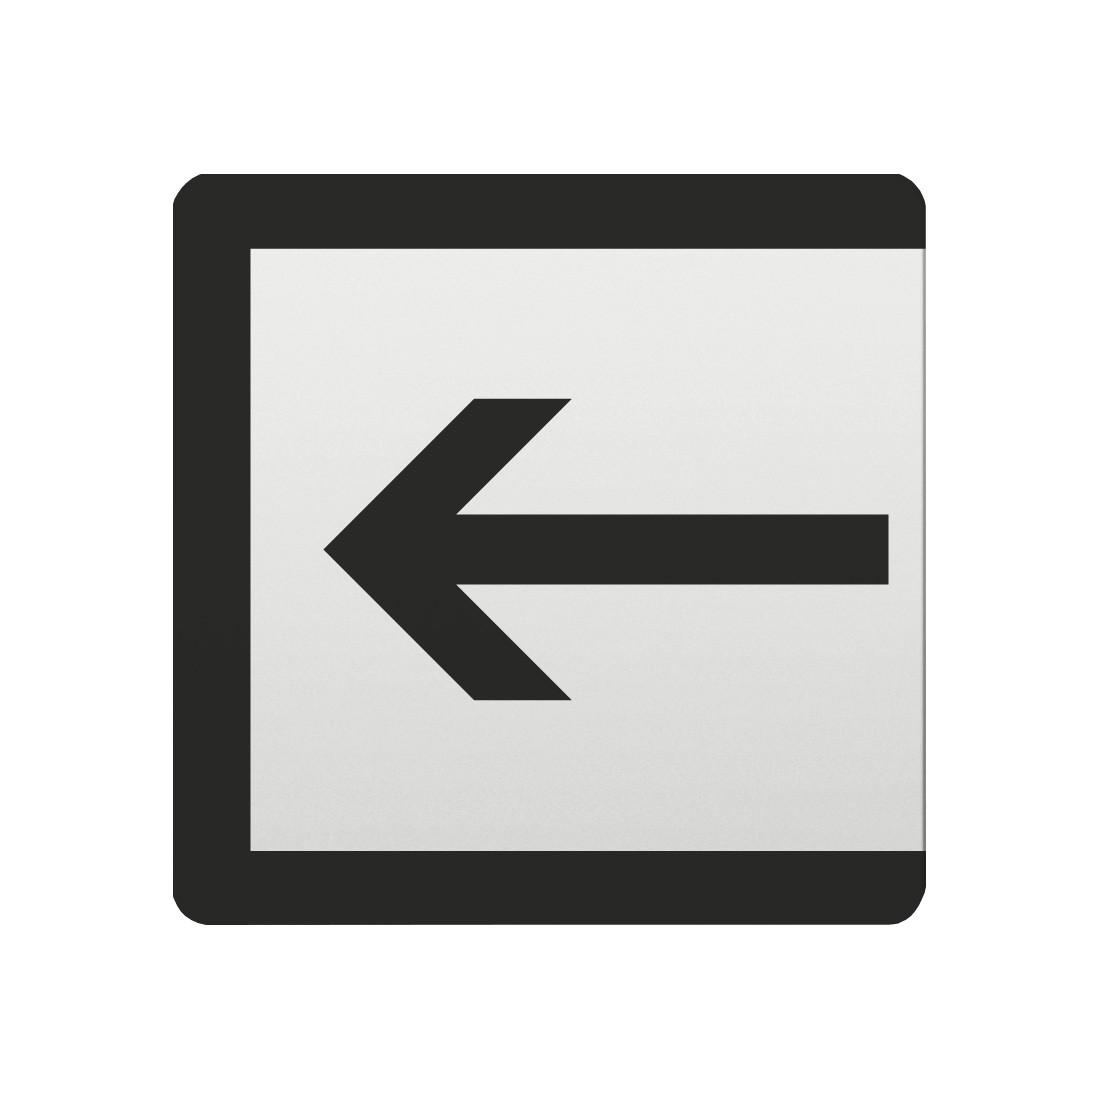 FSB Hinweiszeichen Eingang Lasergraviert Aluminium naturfarbig (0 36 4059 00020 0105)